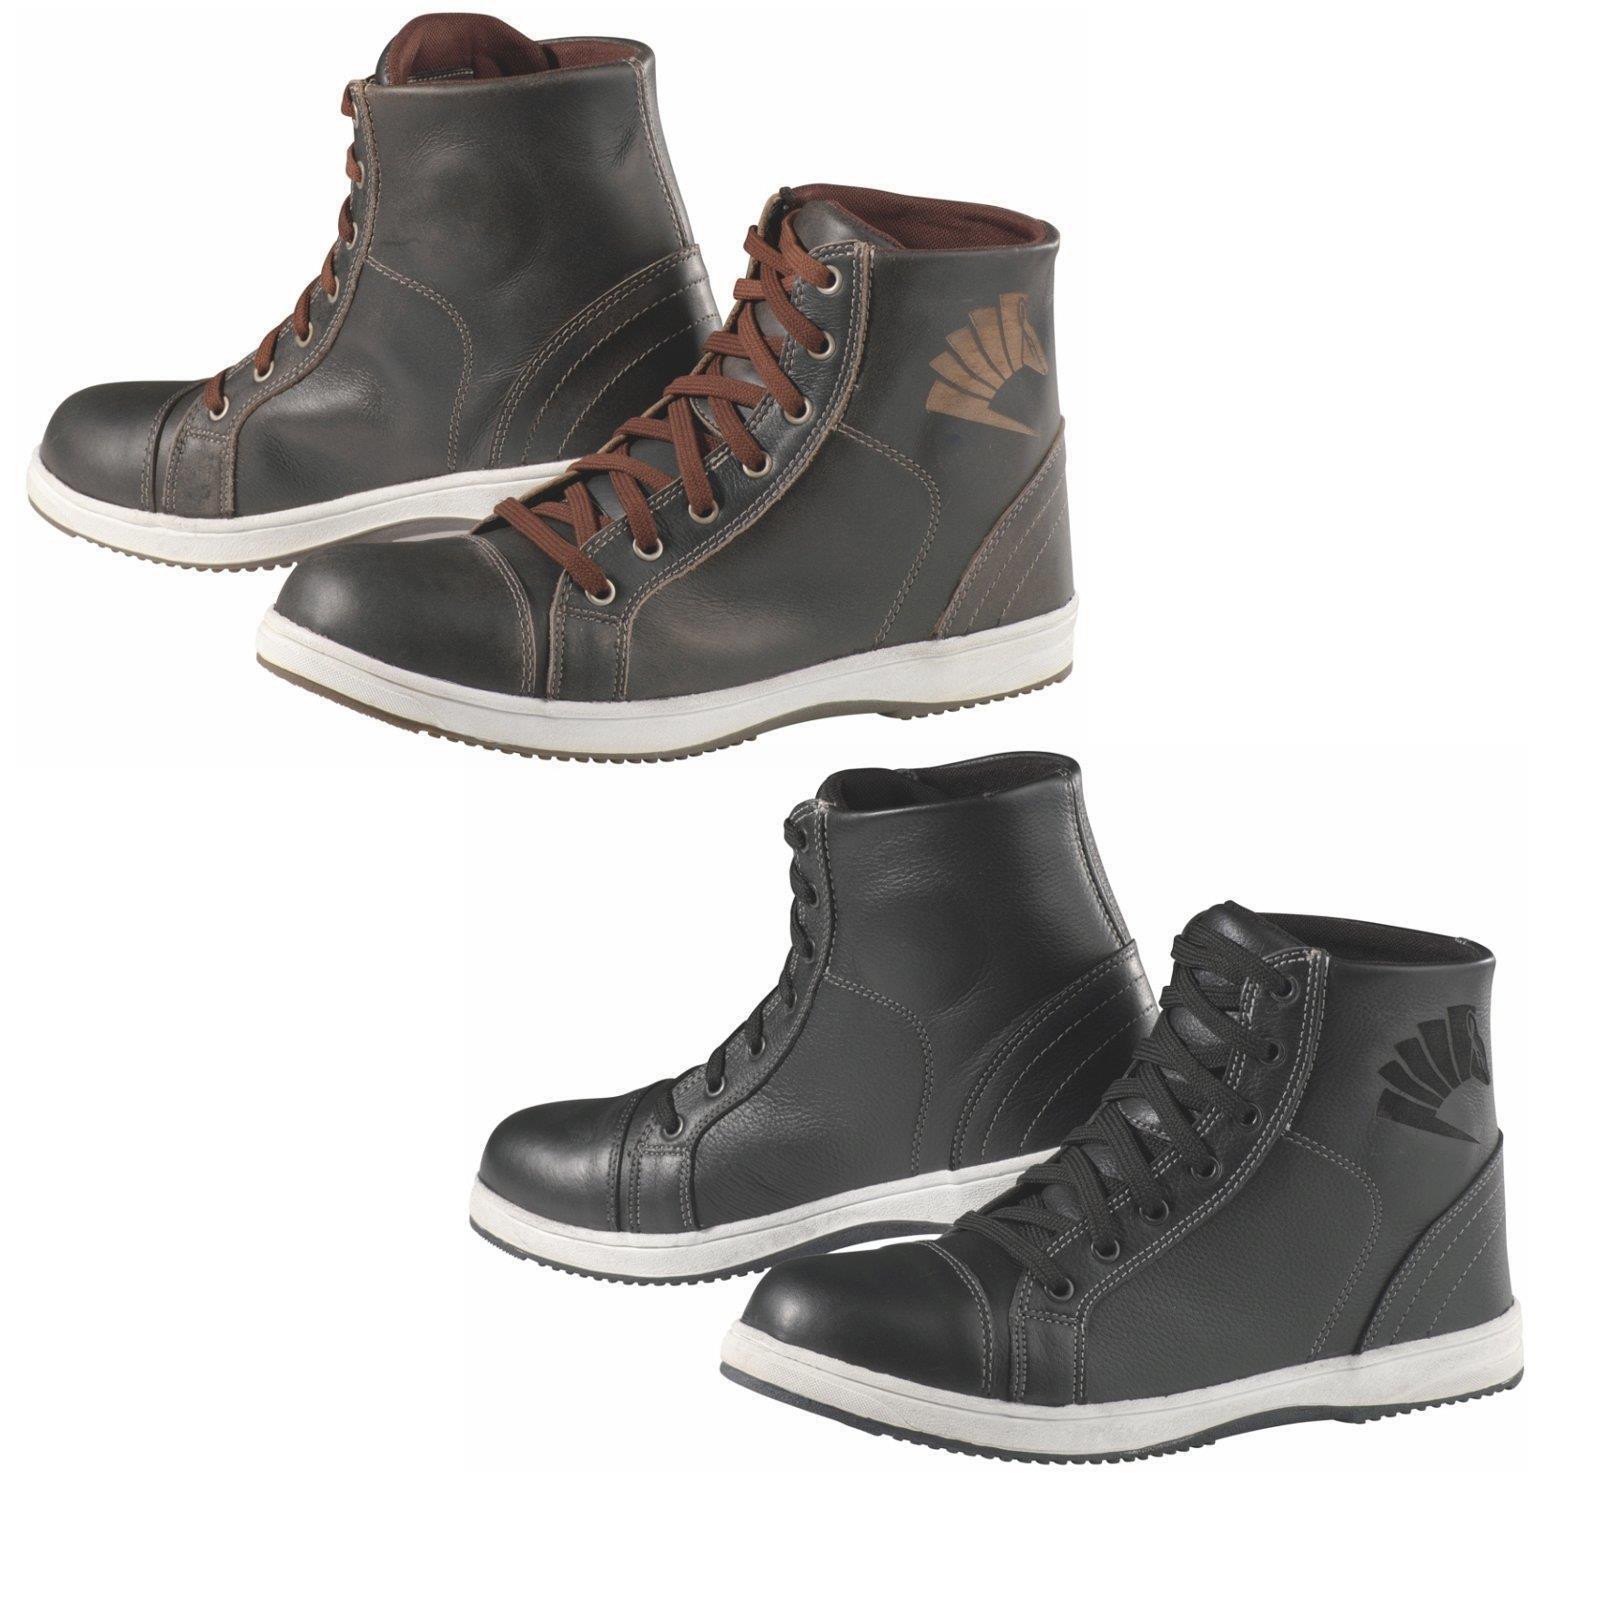 Los últimos zapatos de descuento para hombres y mujeres Germot motocicleta botas fashion vintage zapatos de piel tobillo protección gonartrosis